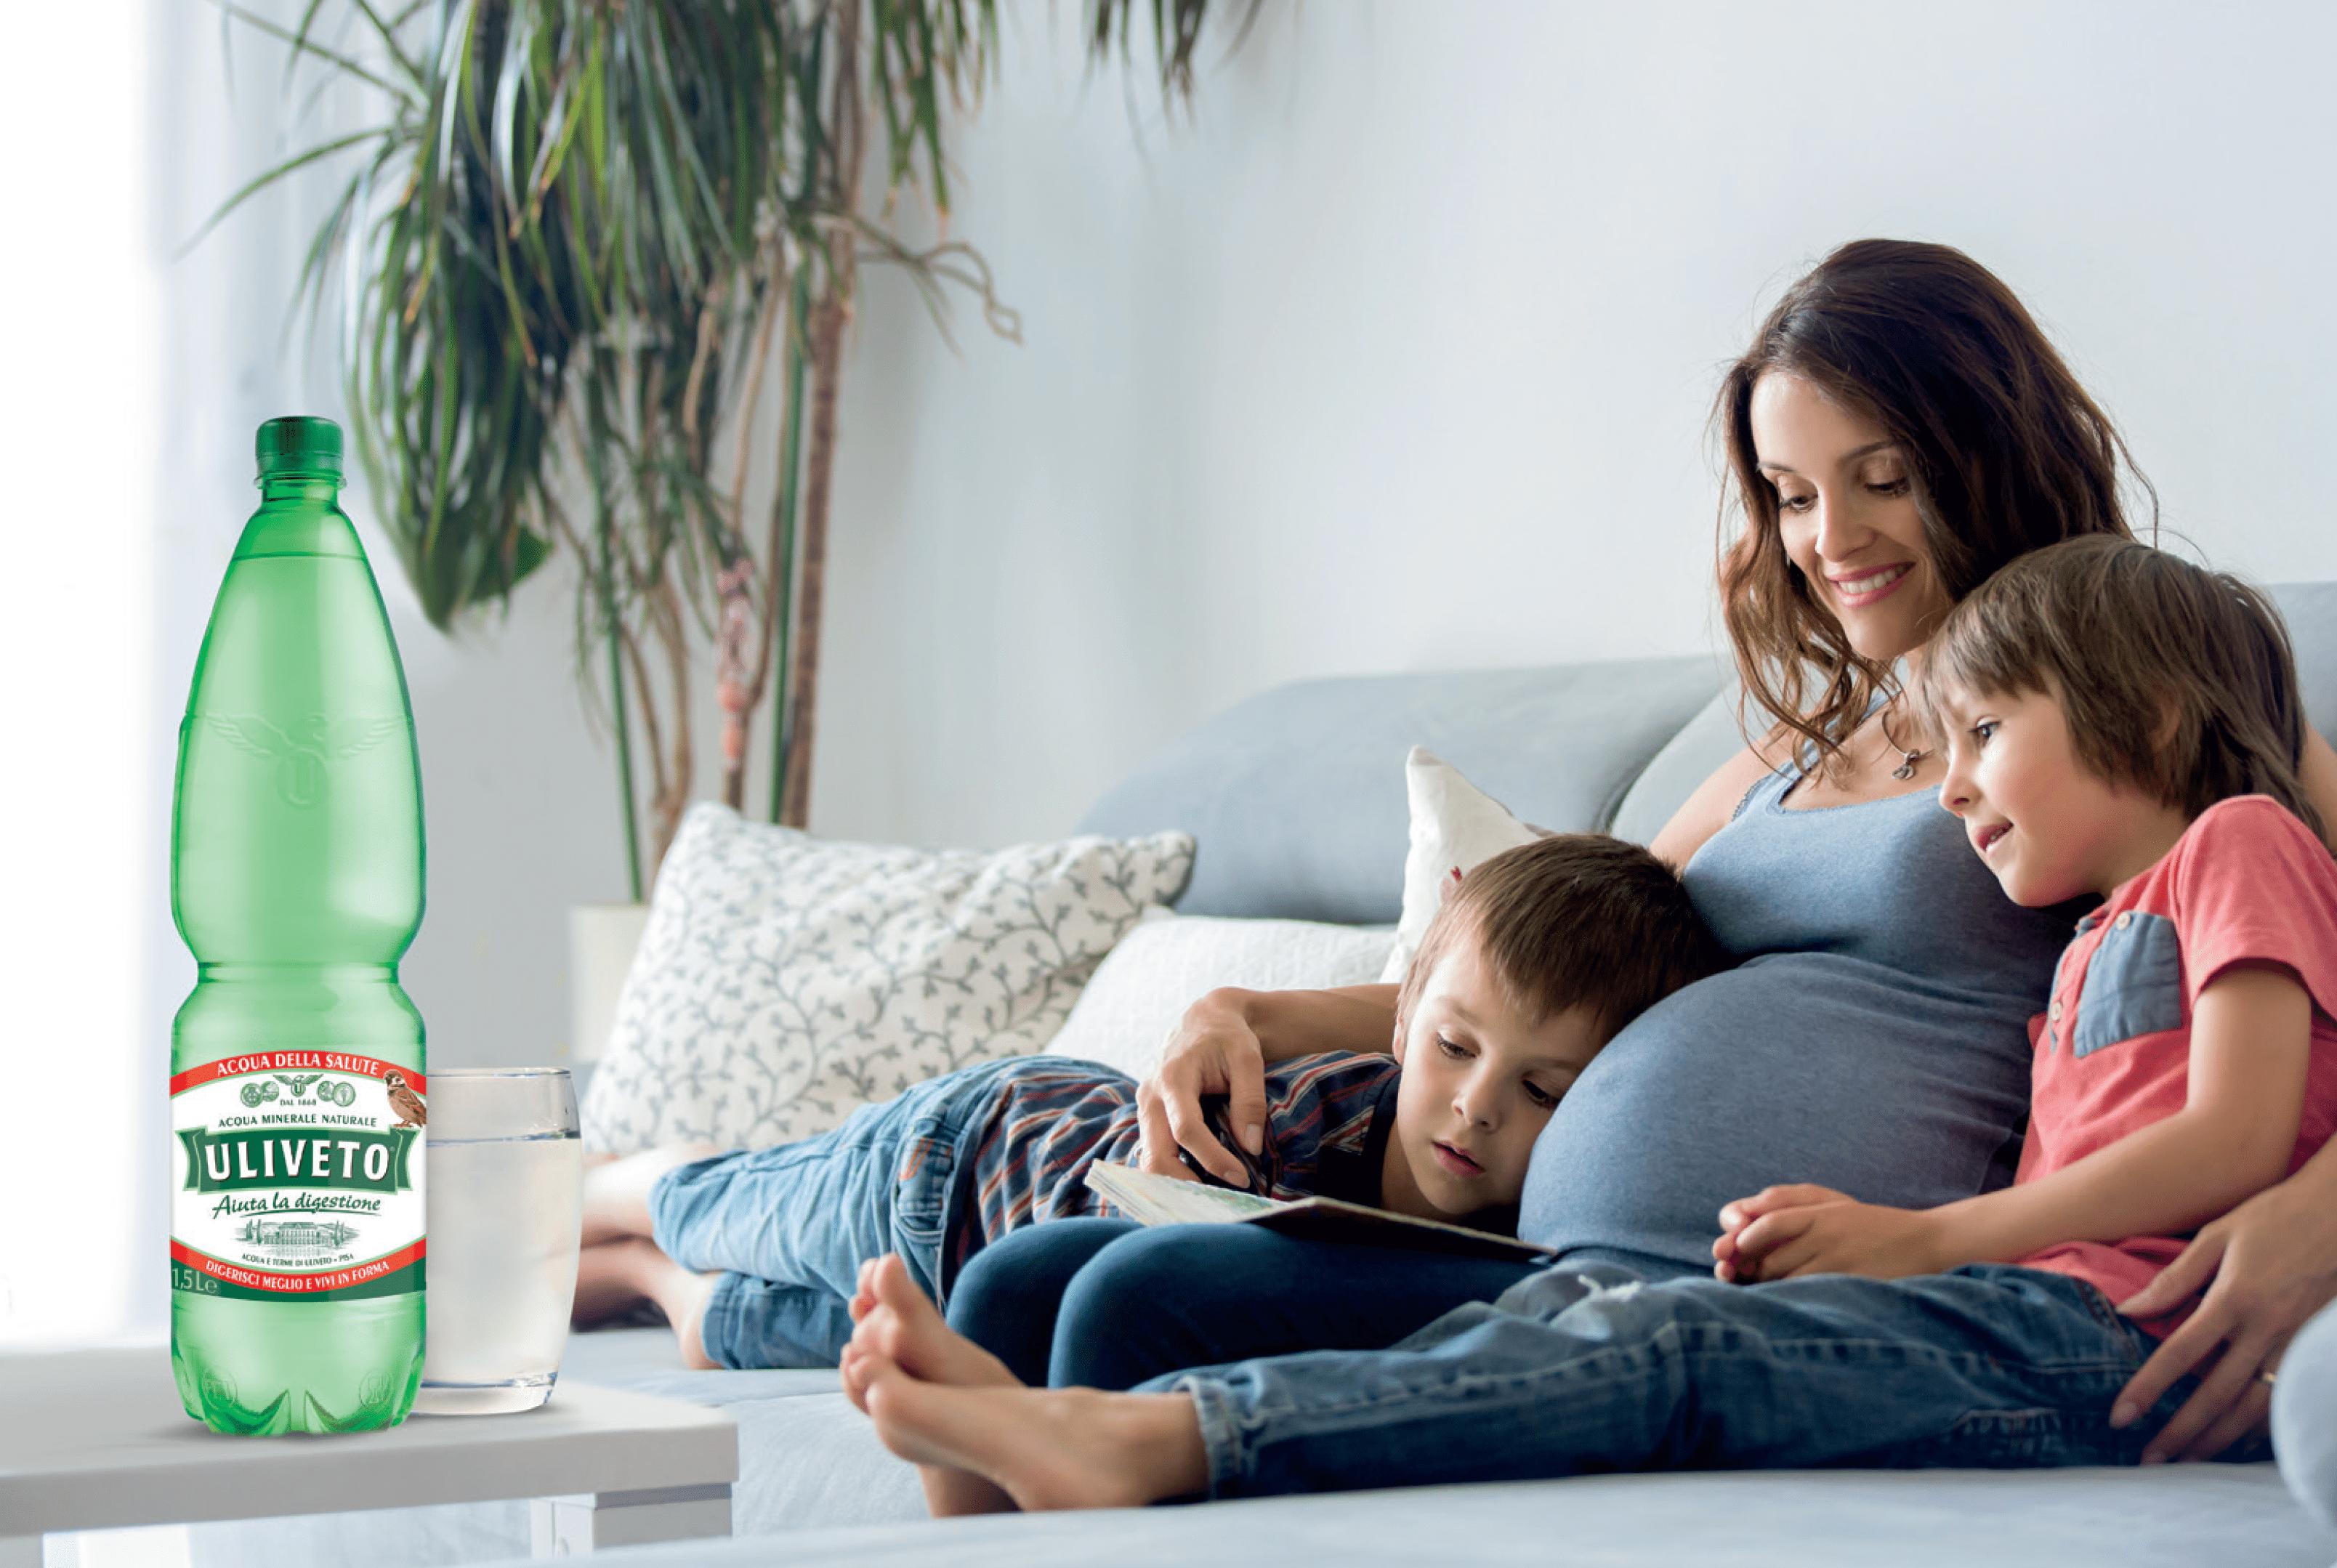 Col calcio la gravidanza è ancora più dolce